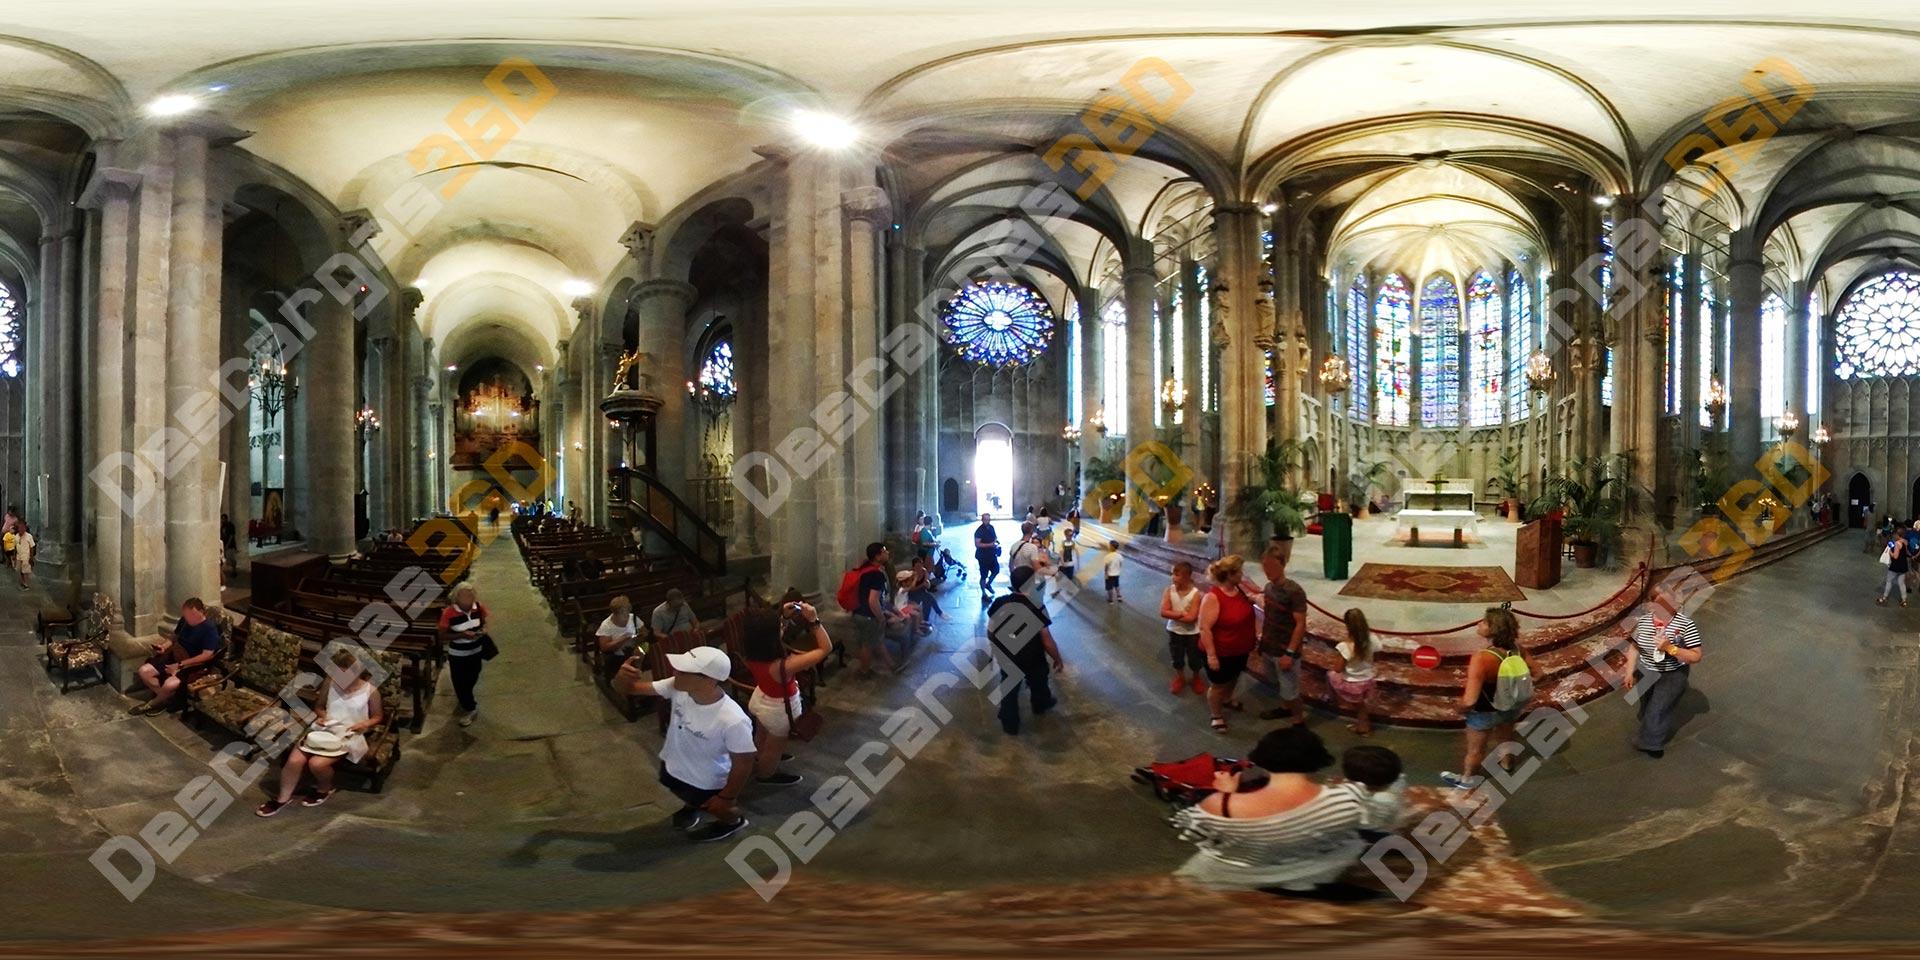 Castillo-francés-360-Iglesia-Carcassonne---Descargas360_preview